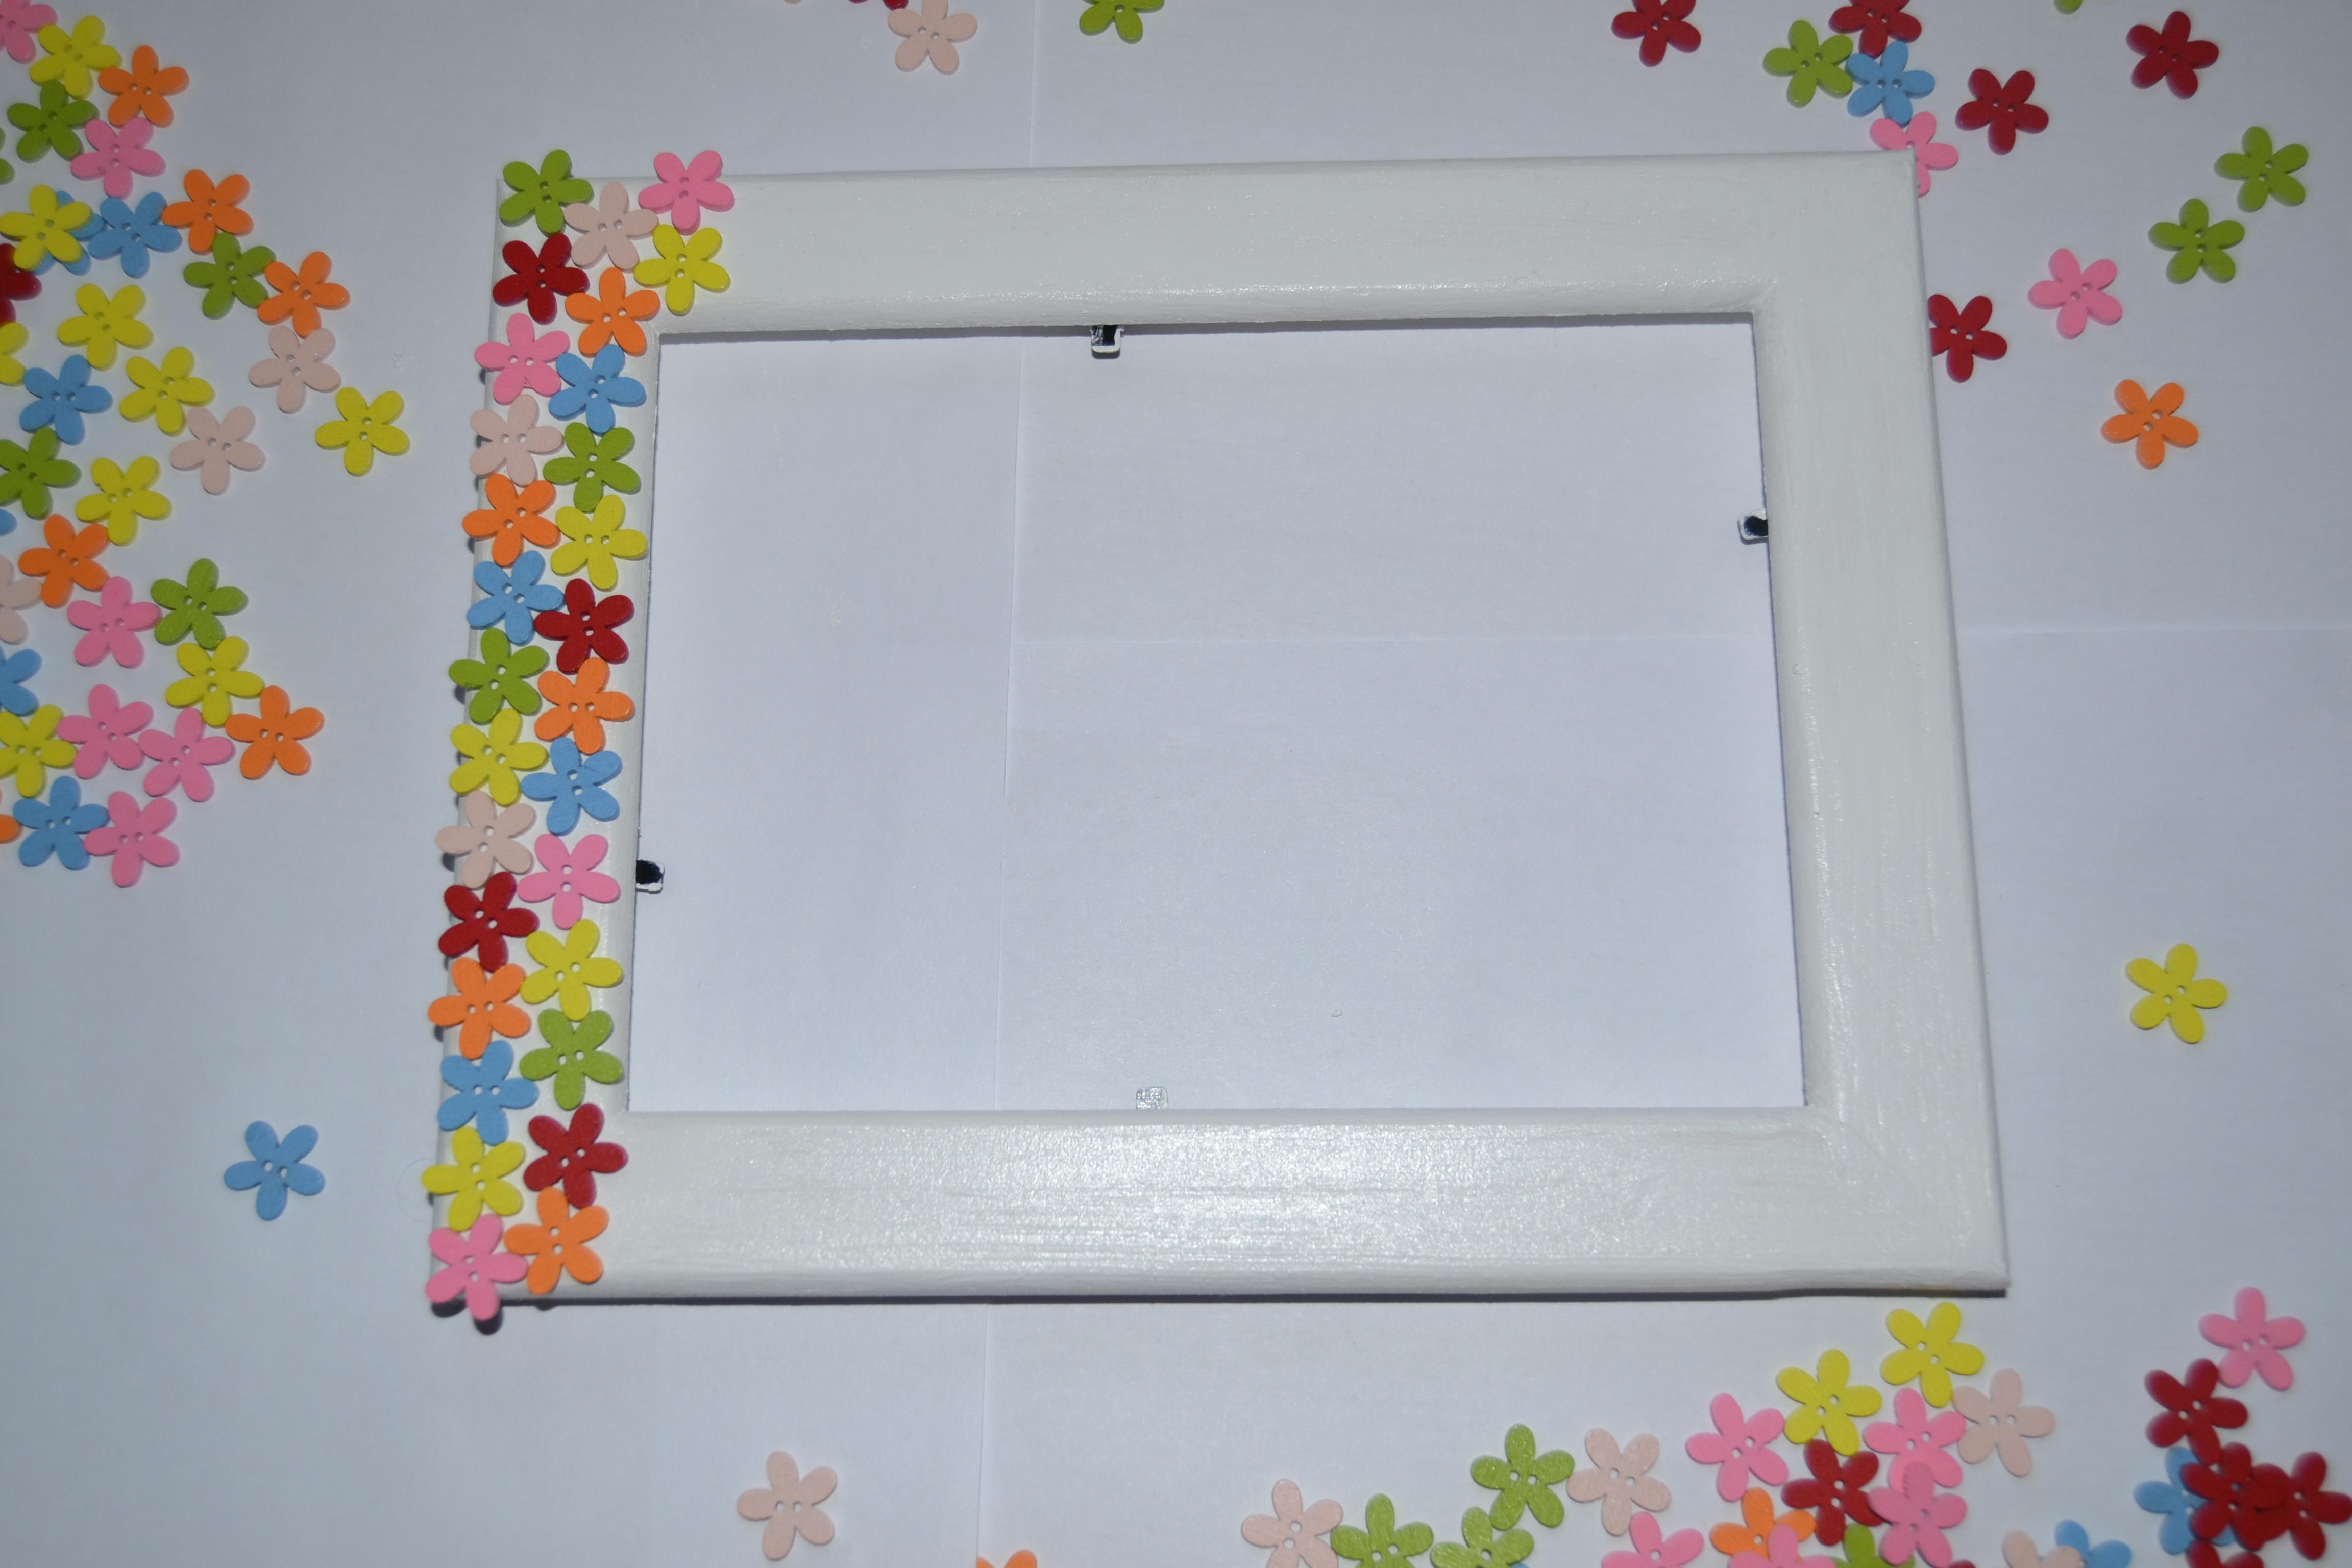 пластиковых рамки для картинок своими руками из подручных материалов быть